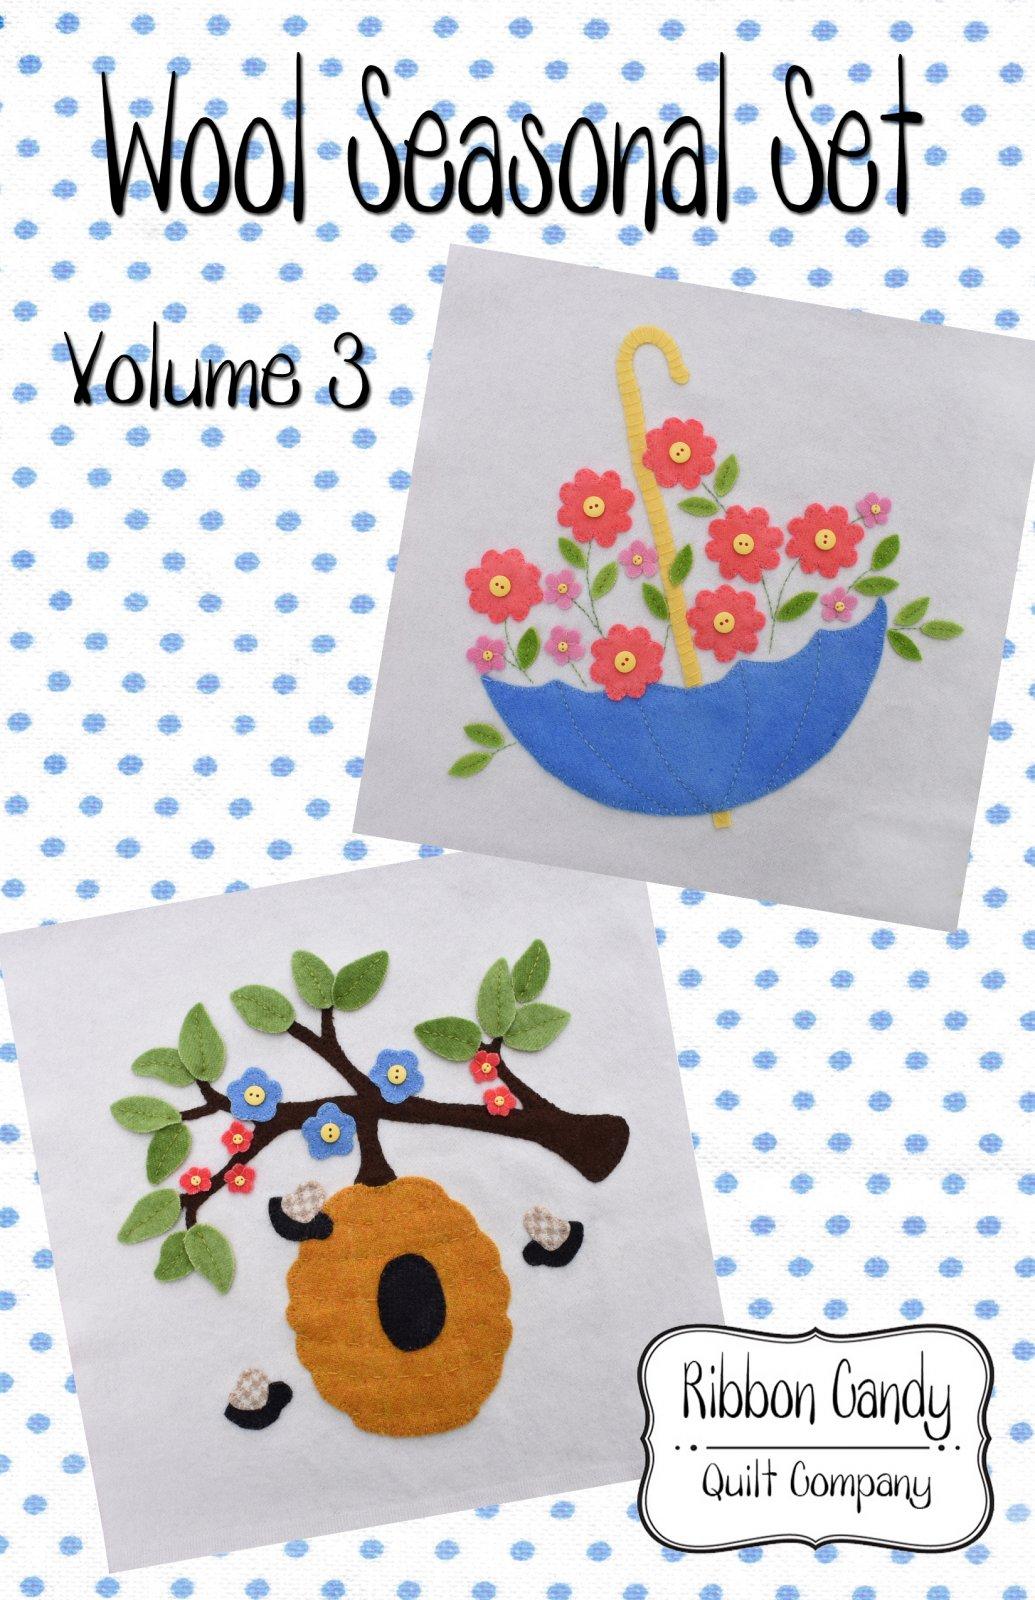 Wool Seasonal Set Vol 3